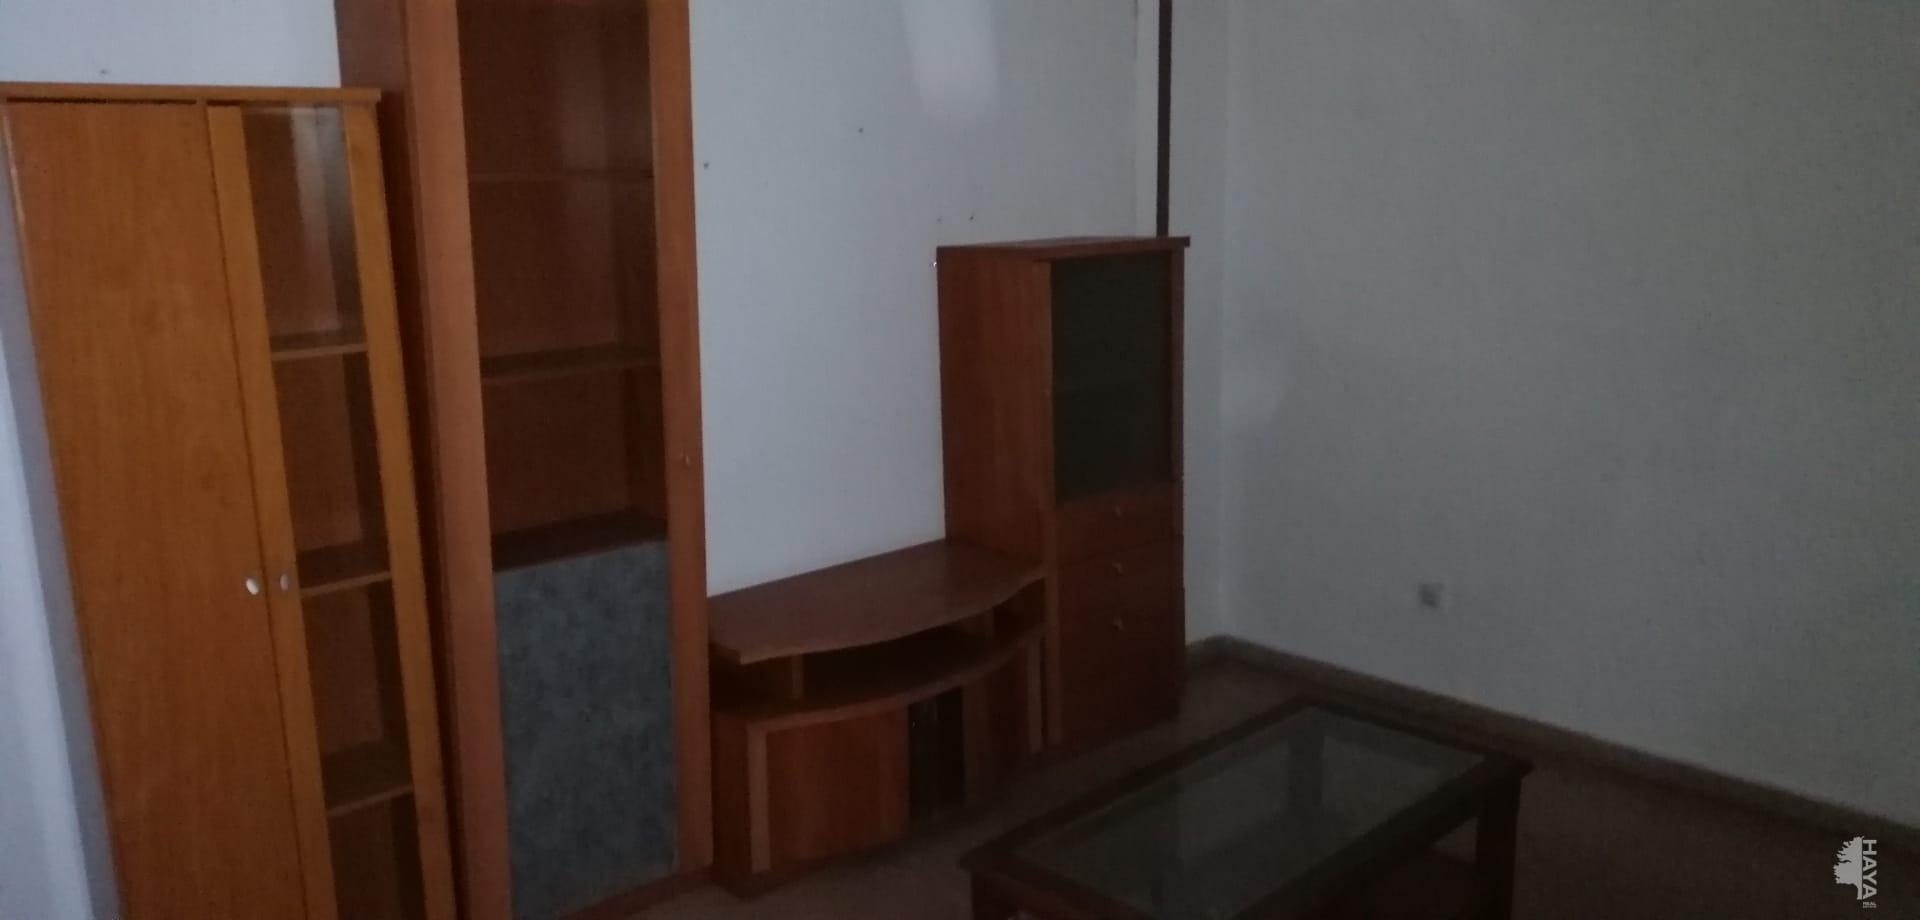 Piso en venta en Piso en Torrevieja, Alicante, 77.000 €, 2 habitaciones, 1 baño, 68 m2